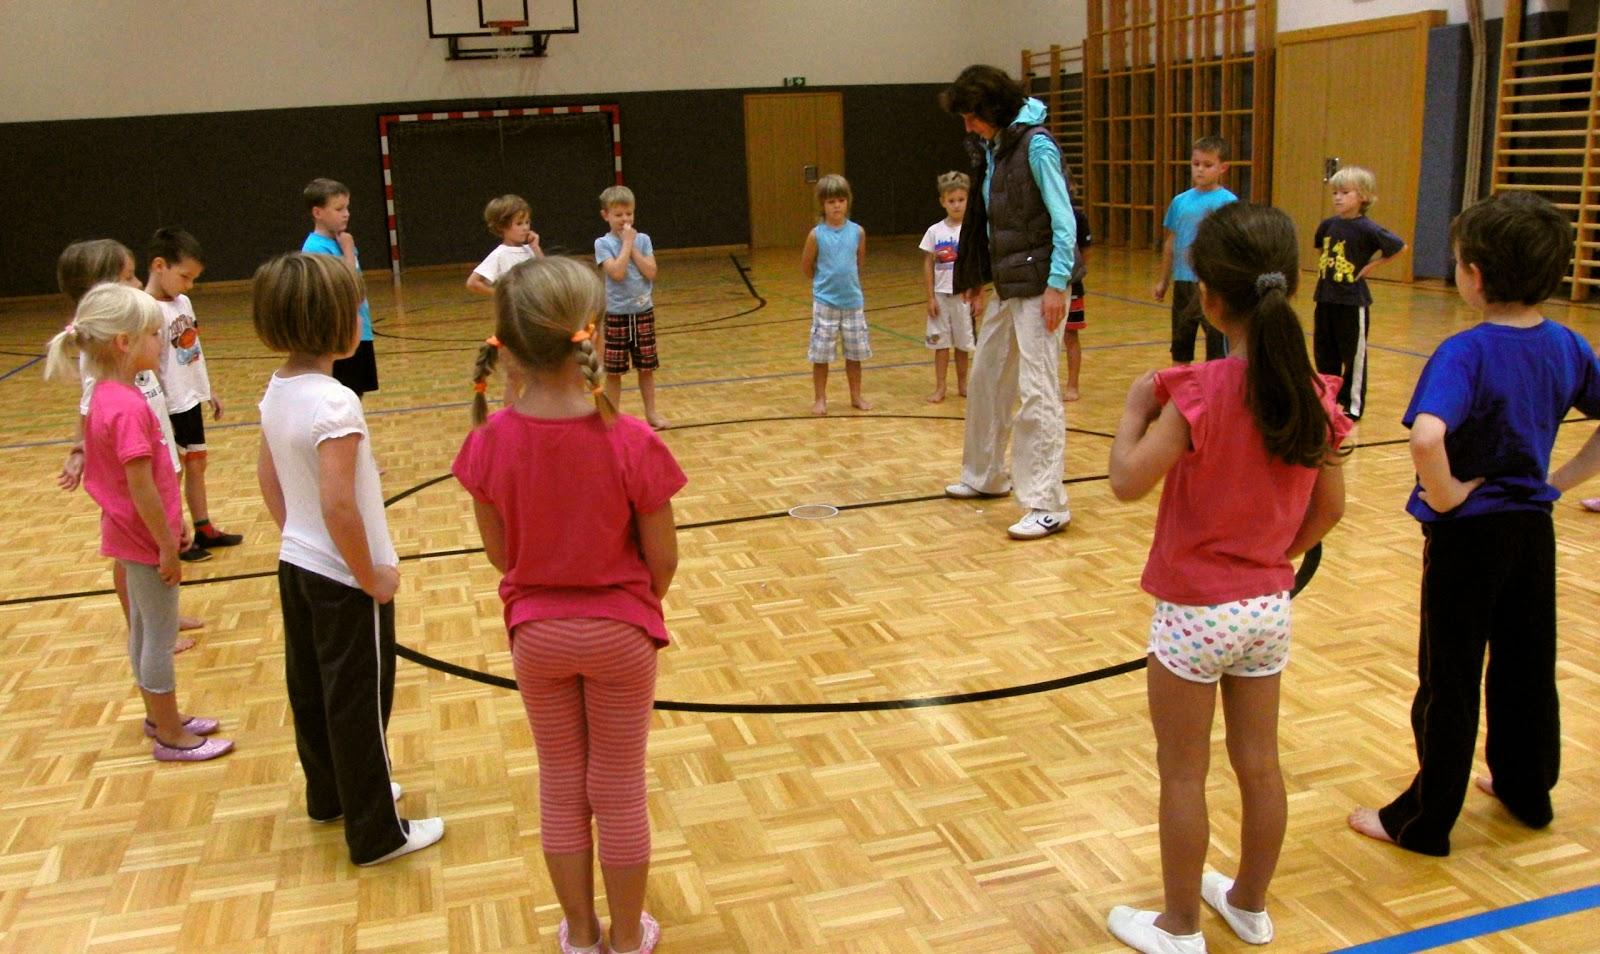 Vs steinhaus 1 klasse schuljahr 2012 13 turnen mit luftballons - Turnen mit kissen ...